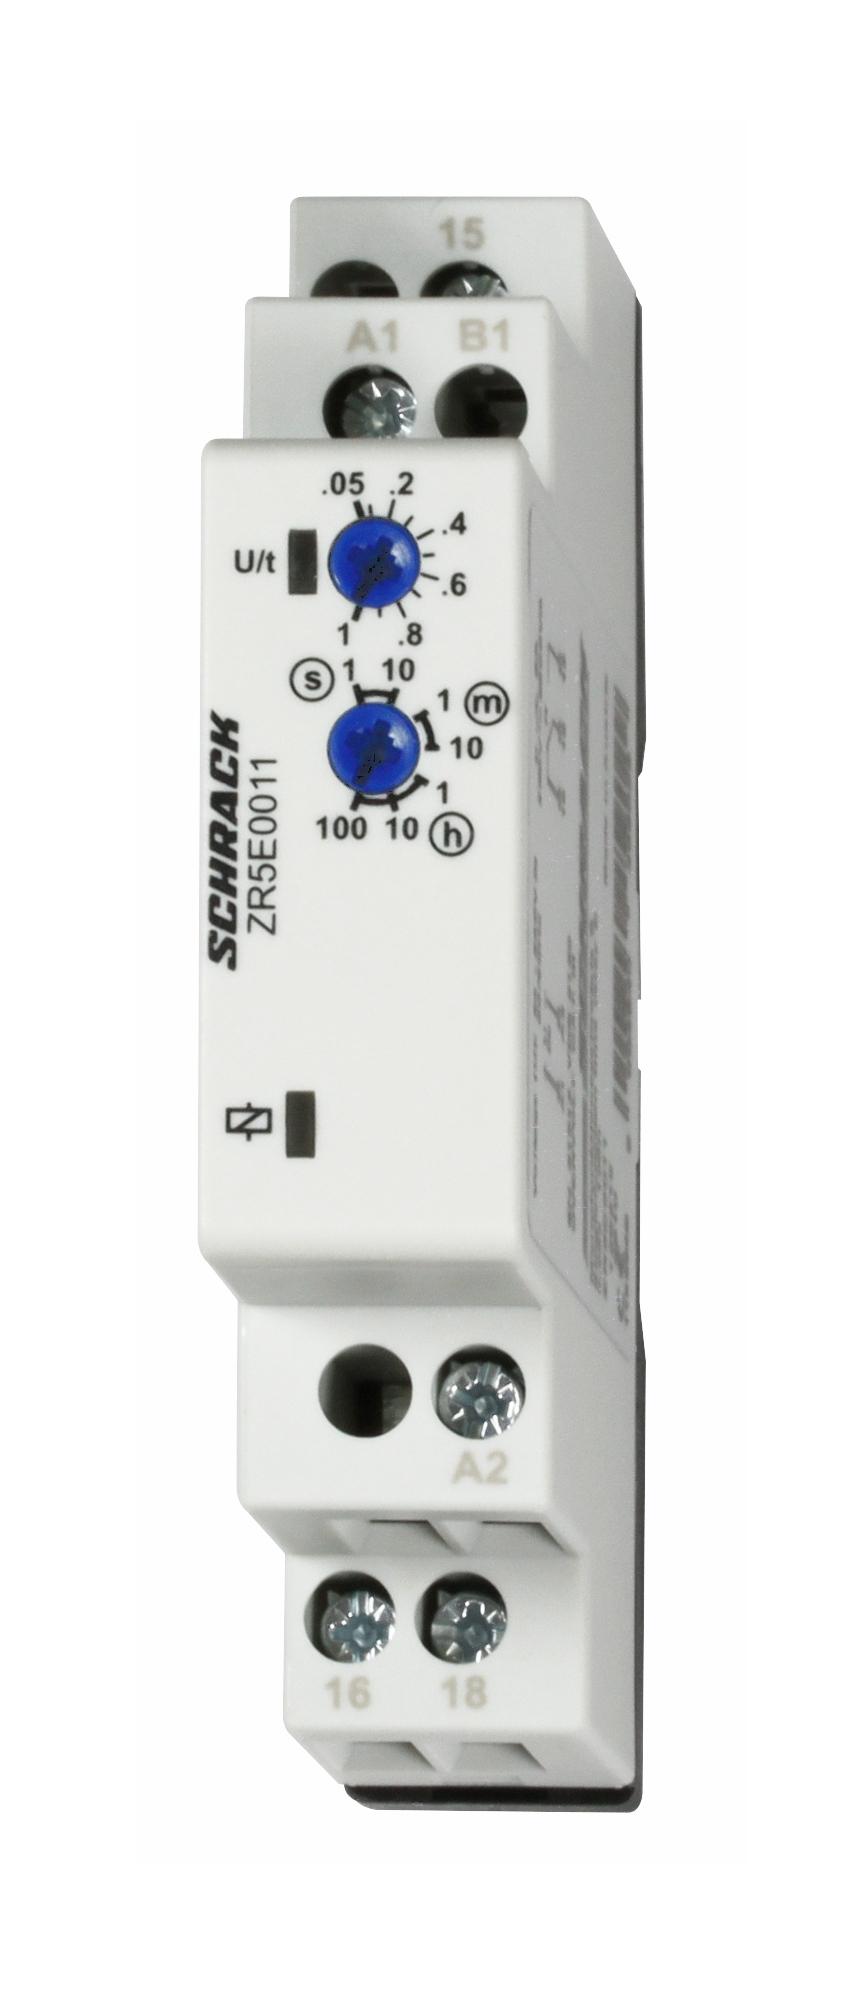 ZR5E0011 - Schrack Technik